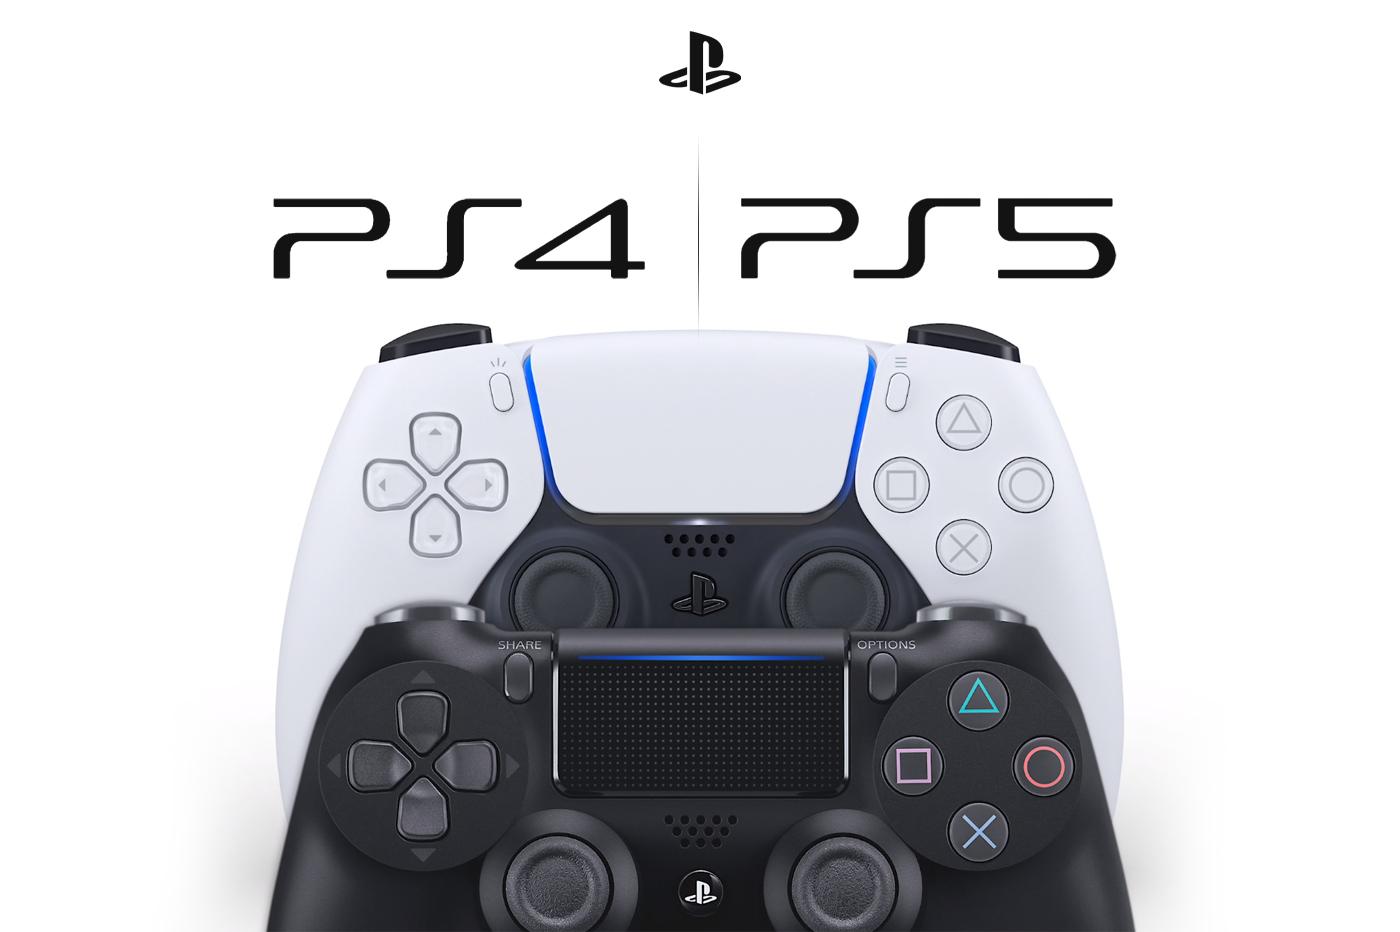 Bilan PS4 vs PS5